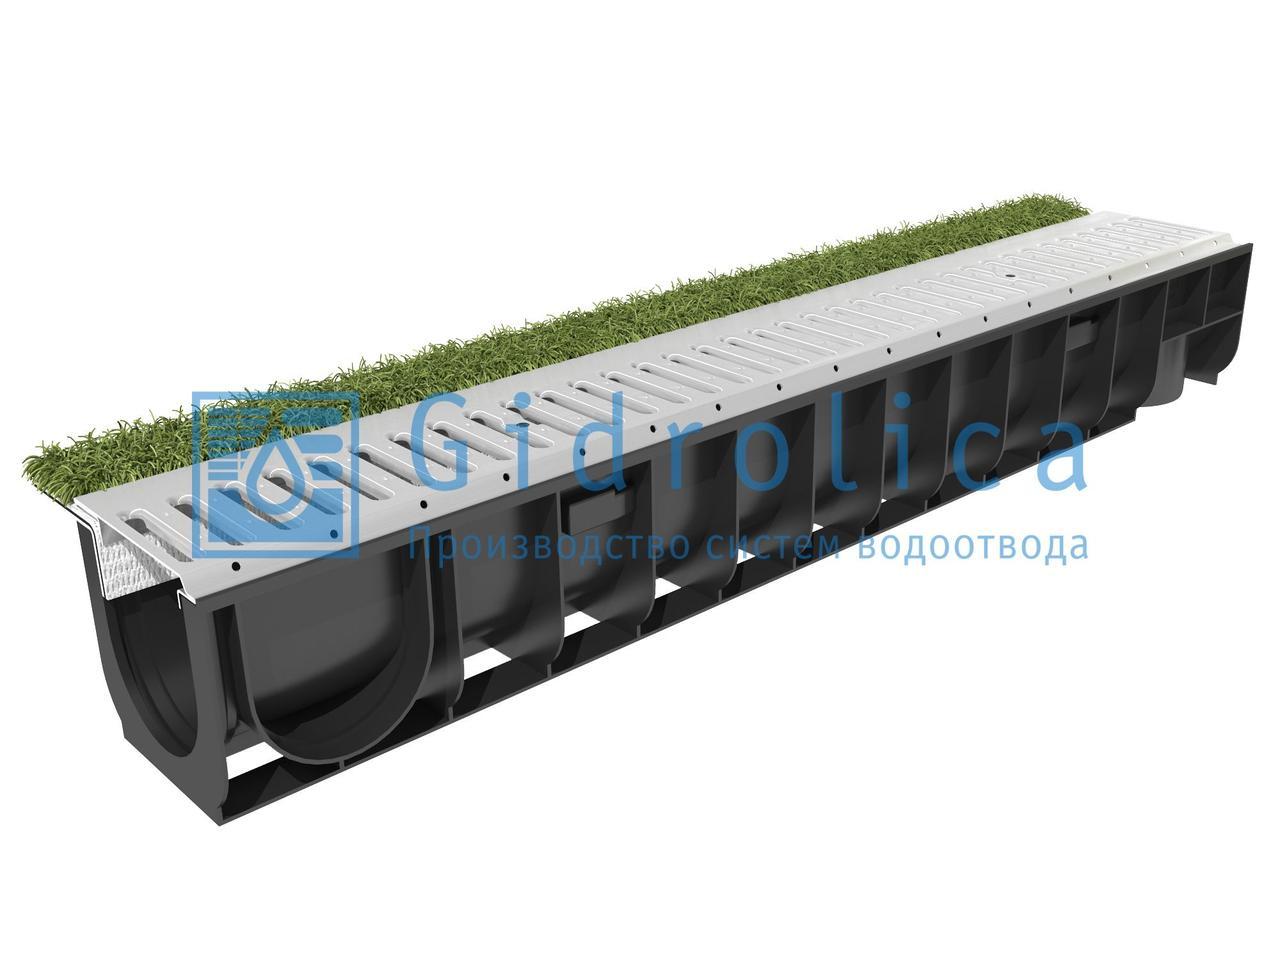 Комплект Gidrolica Sport: лоток водоотводный ЛВ-10.14,5.12 пластиковый с решеткой РВ-10.14,2.100 стальной оцинкованной, кл.А15